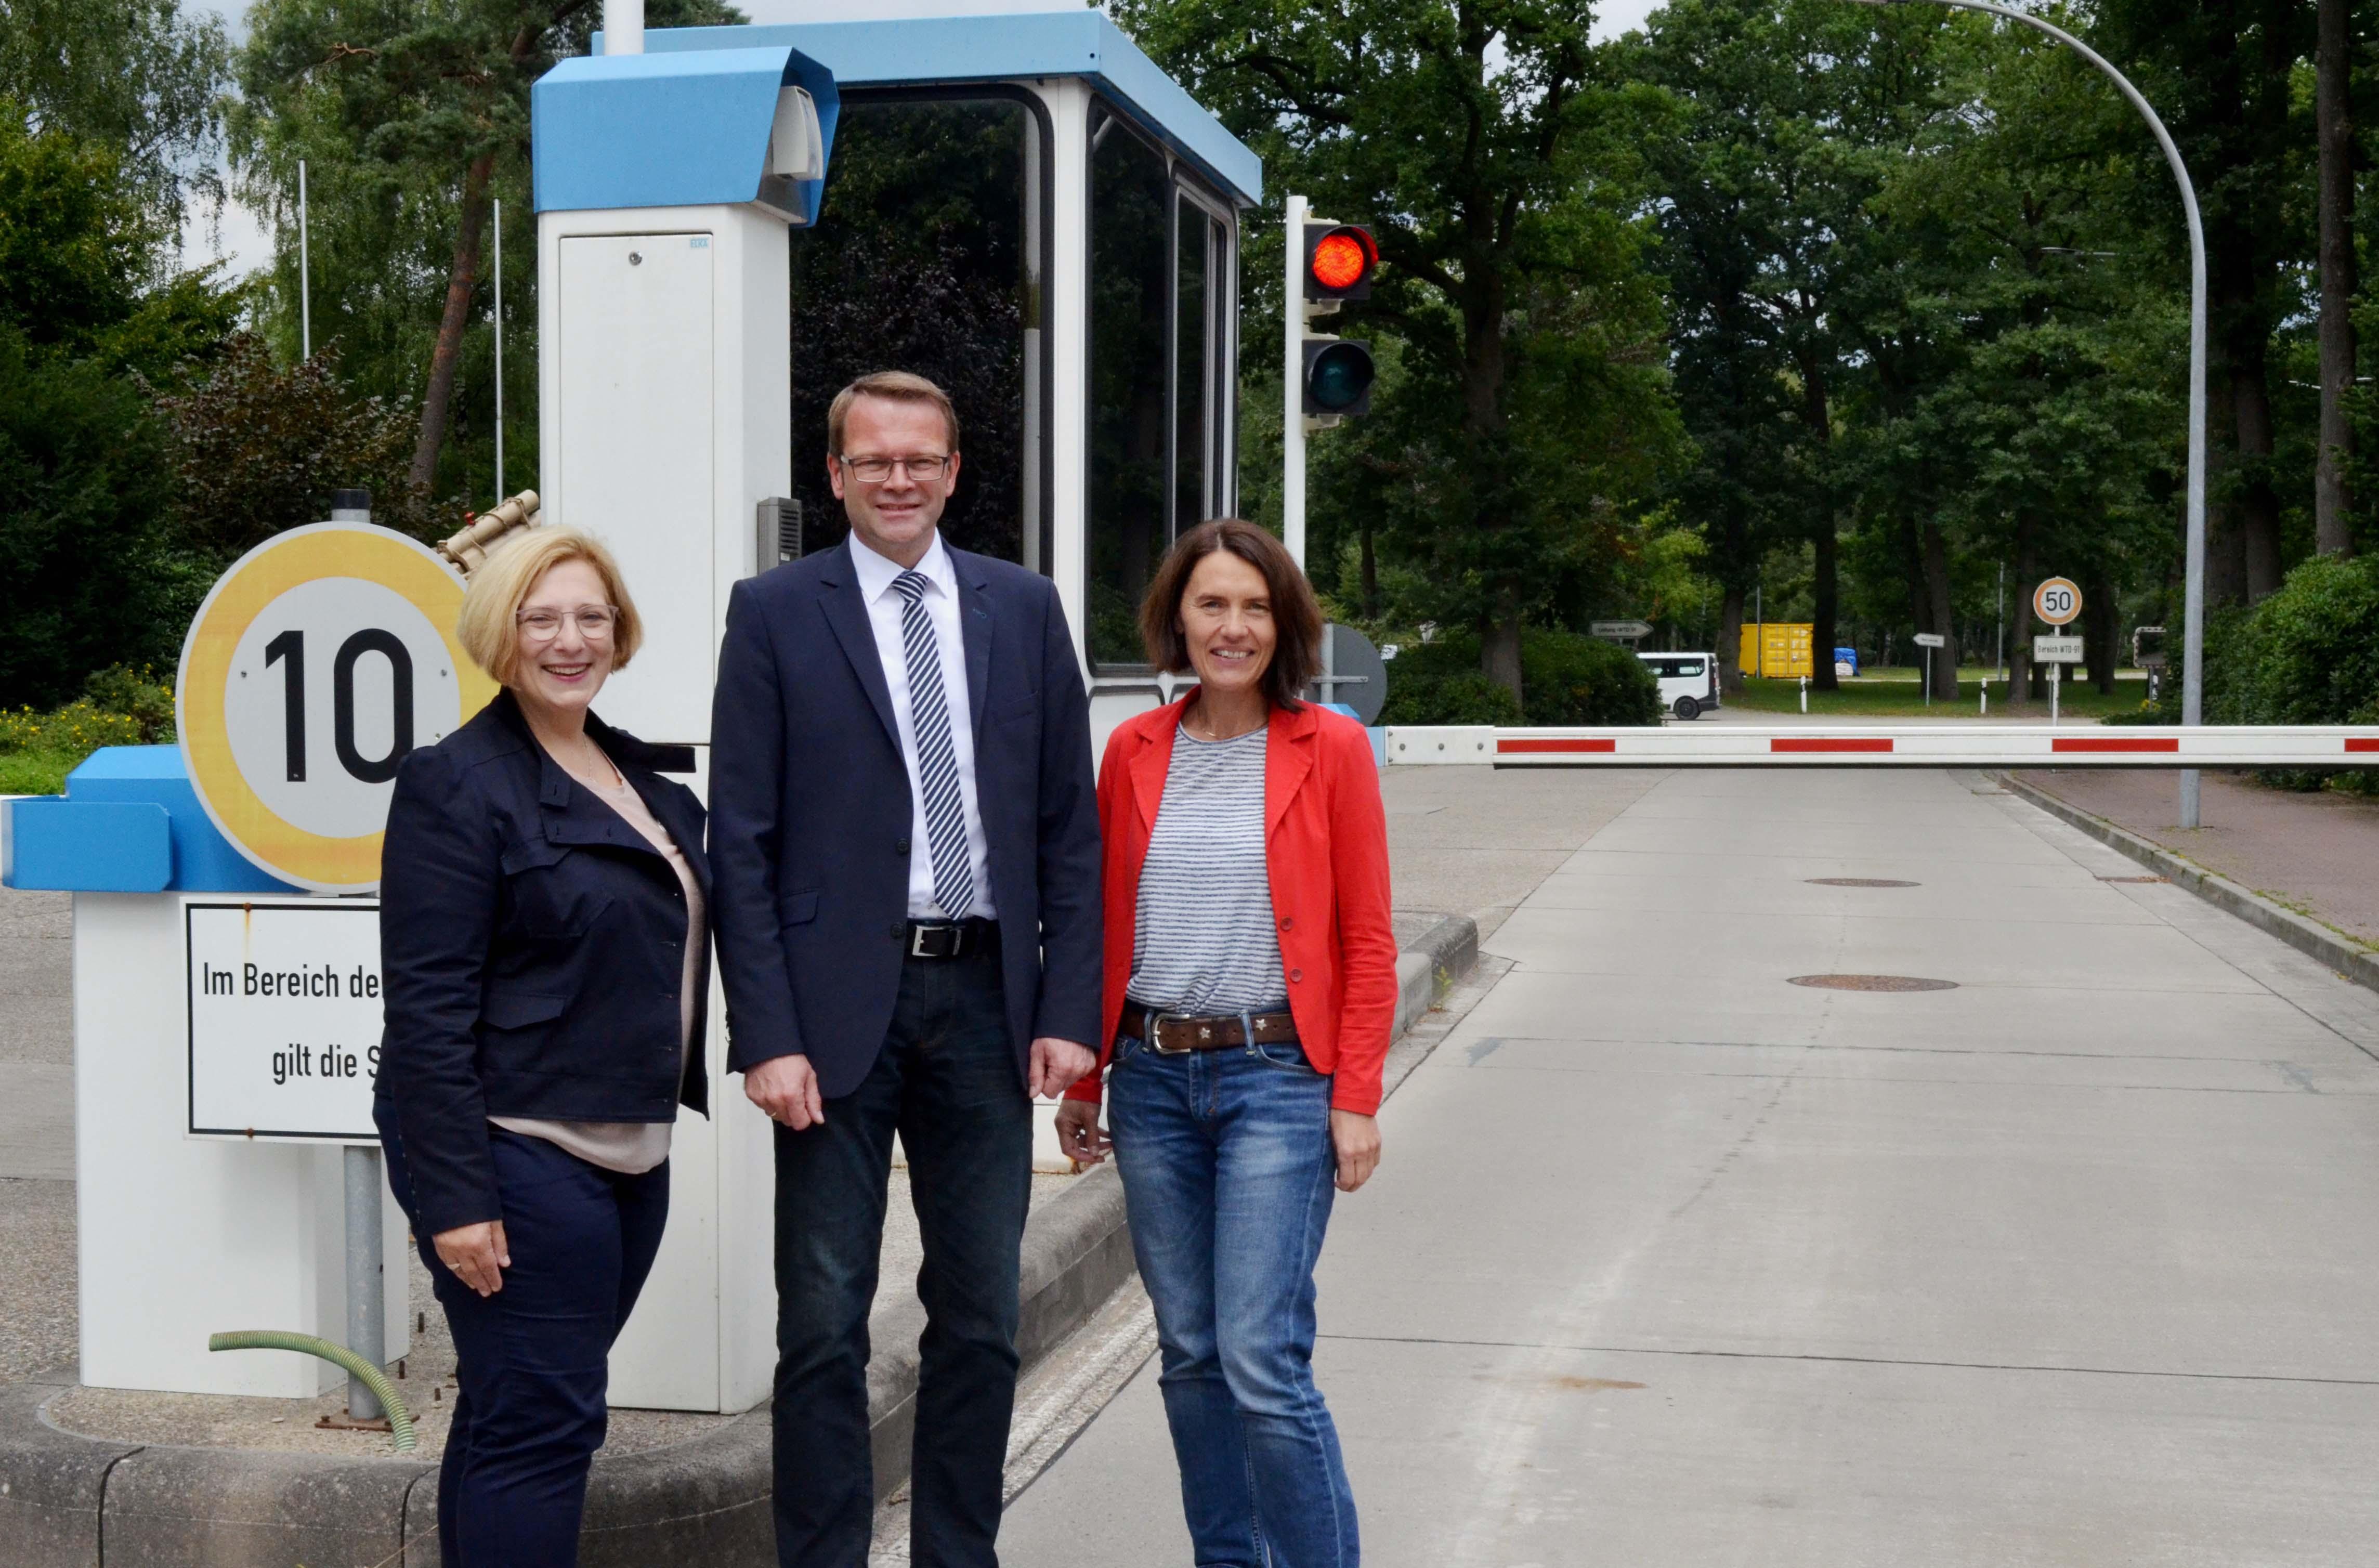 Dr. Daniela De Ridder, Dieter Grönninger und Andrea Kötter bei der Wehrtechnischen Dienststelle